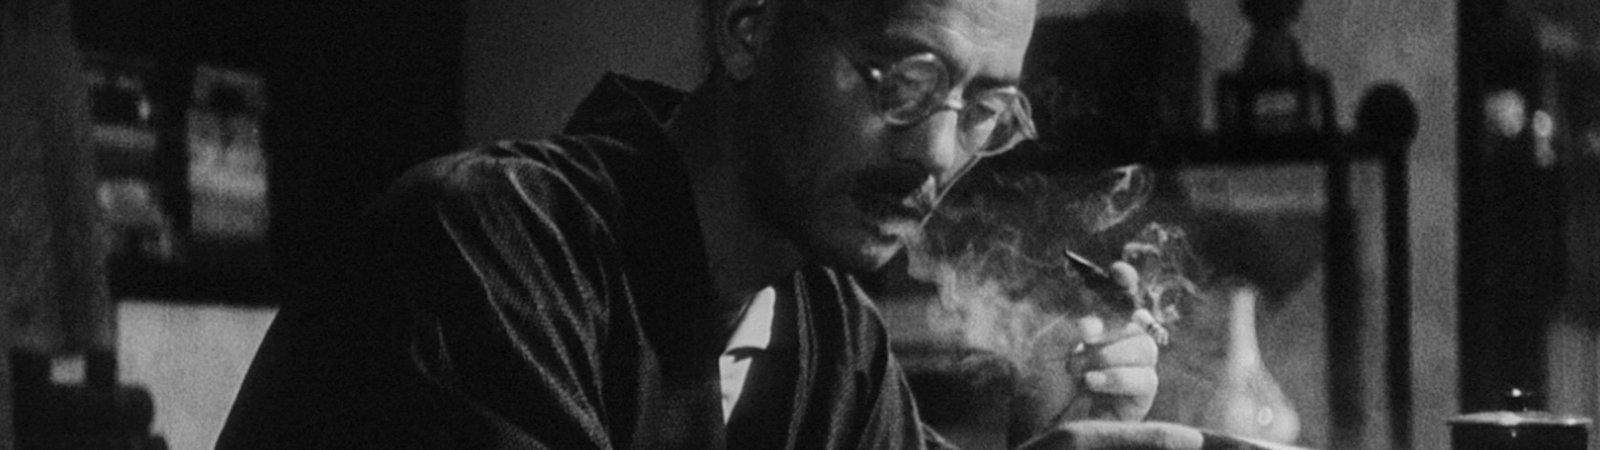 Photo dernier film Yumeji Tsukioka